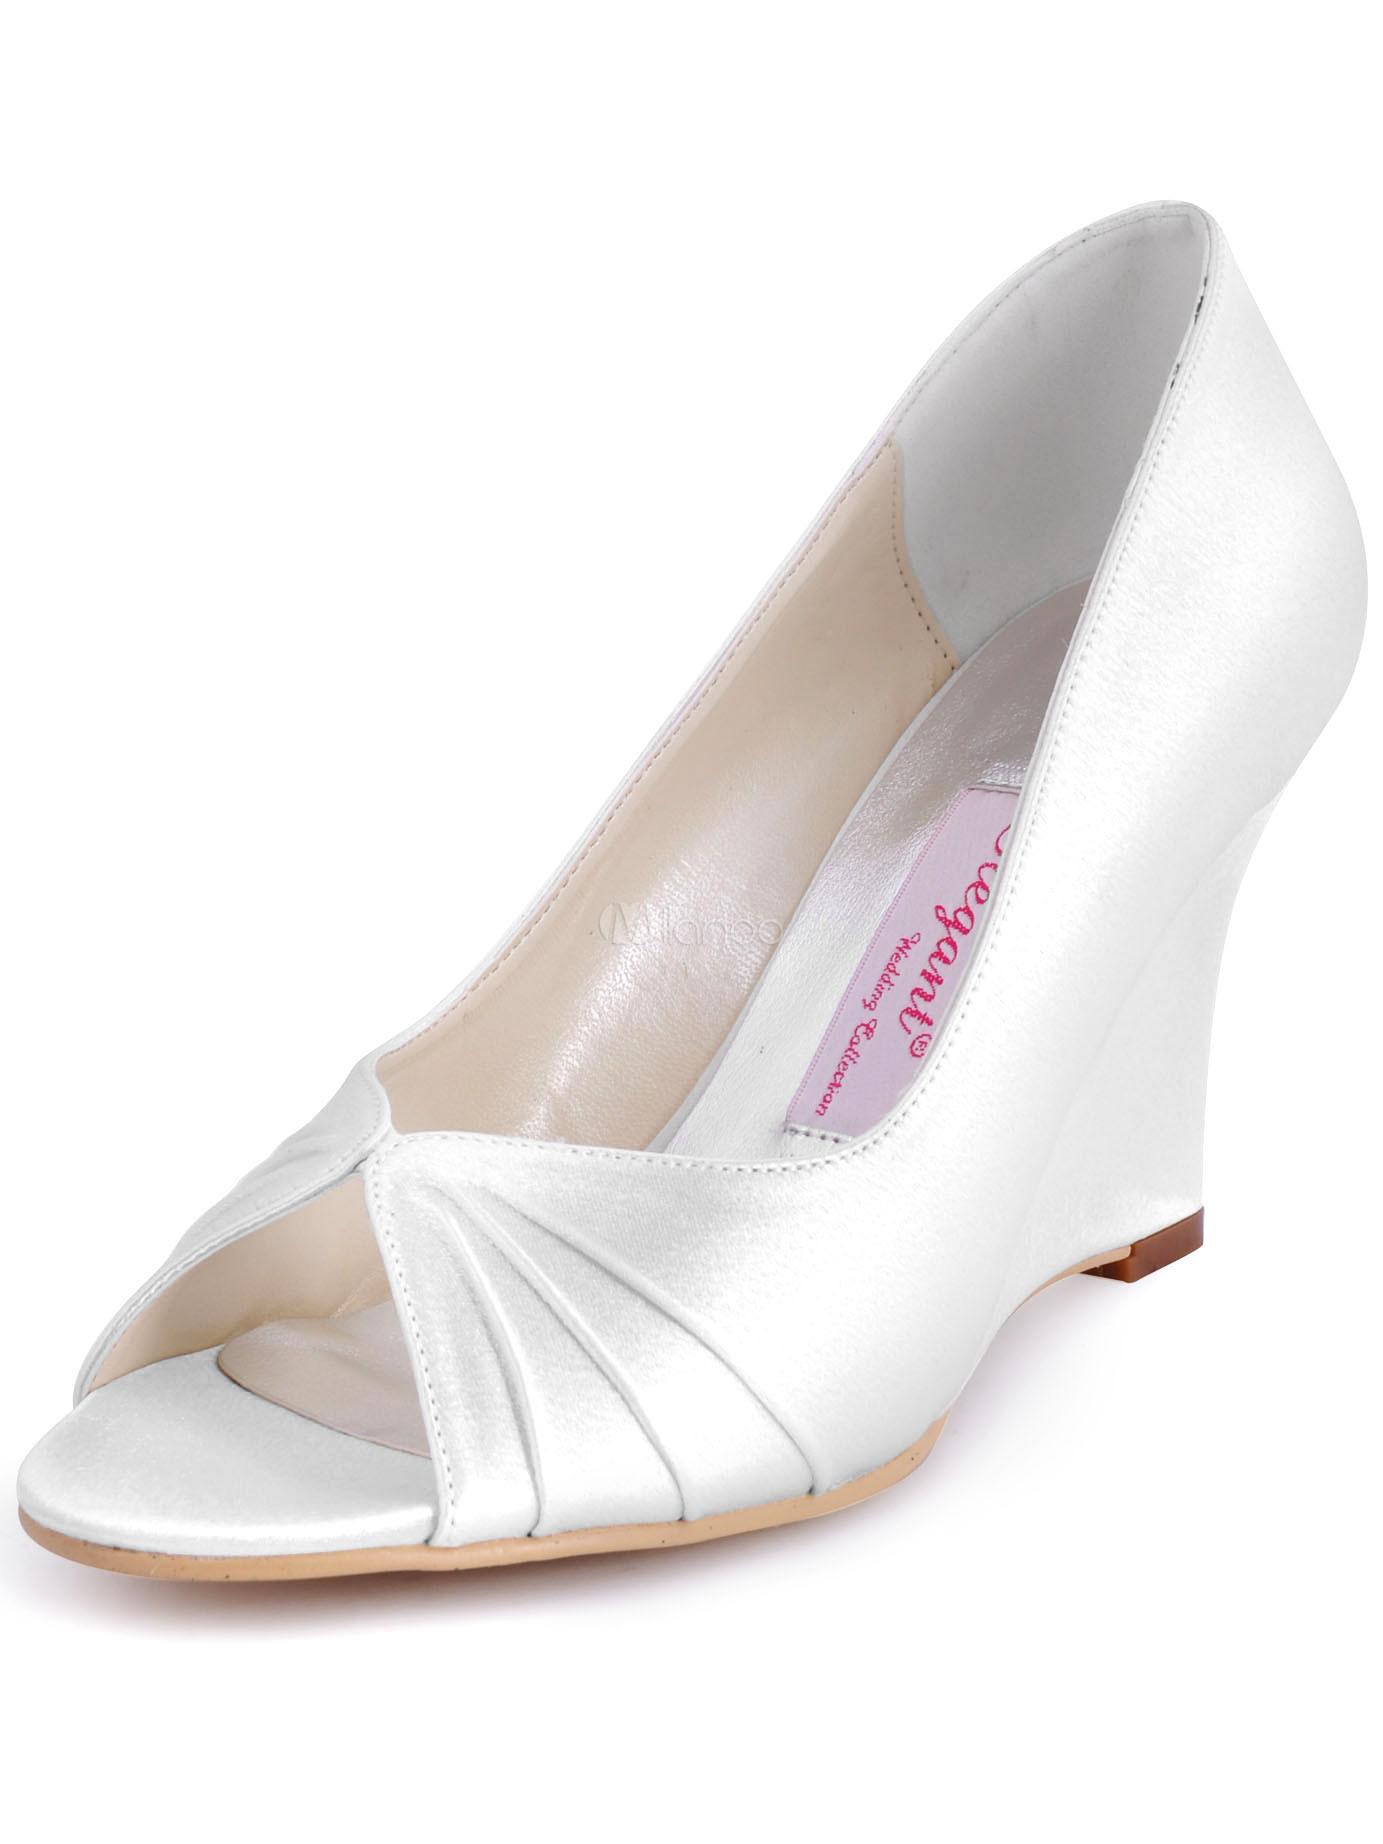 bleu chaussures talons compenss pour mariage no2 - Chaussure Compense Mariage